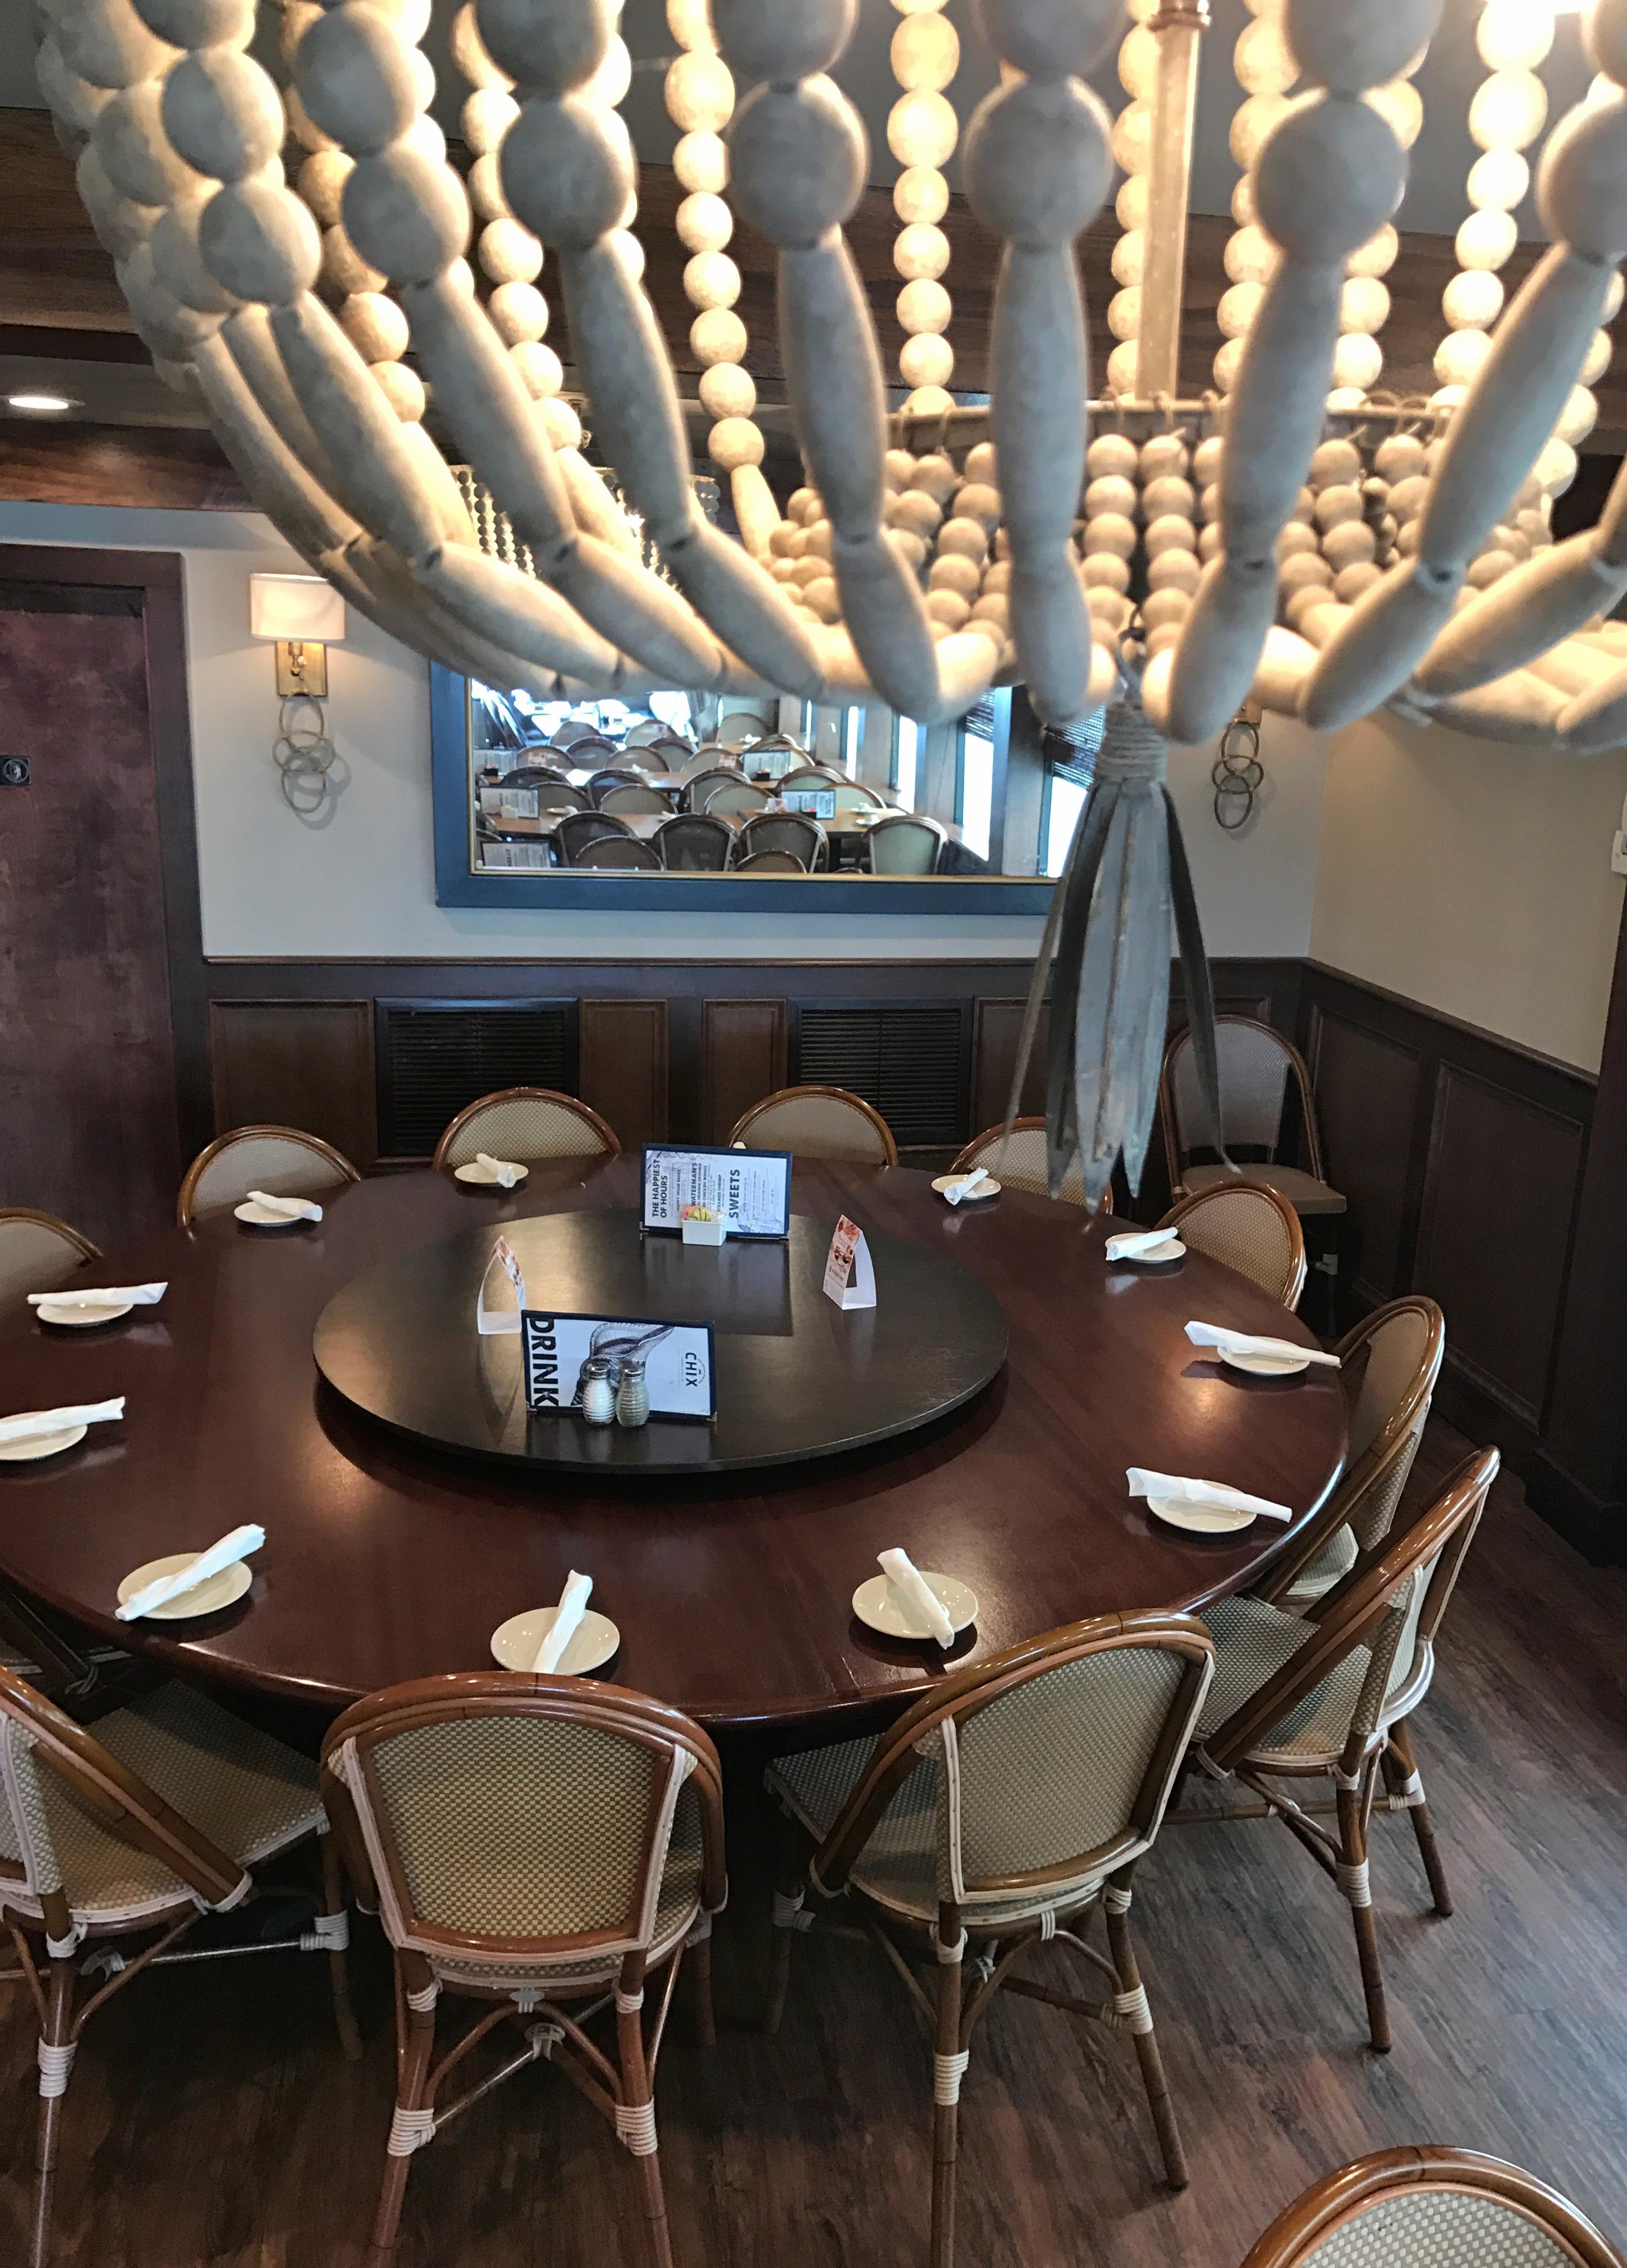 Chix Dining Room